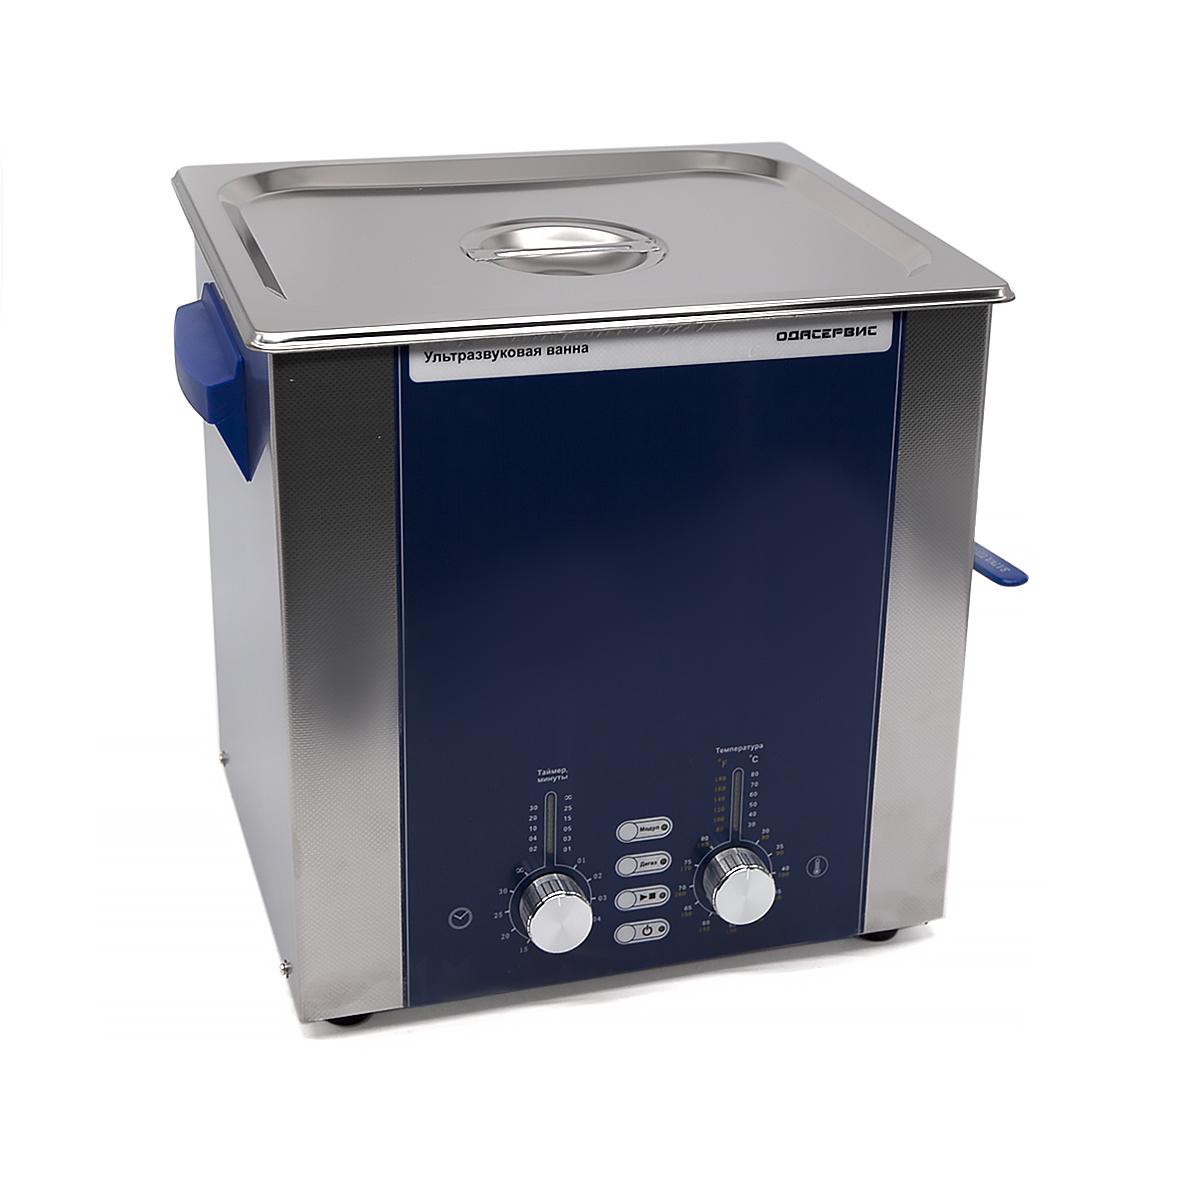 Ультразвуковая ванна с аналоговым управлением, подогревом, дегазацией и модуляцией 10 л ОД...